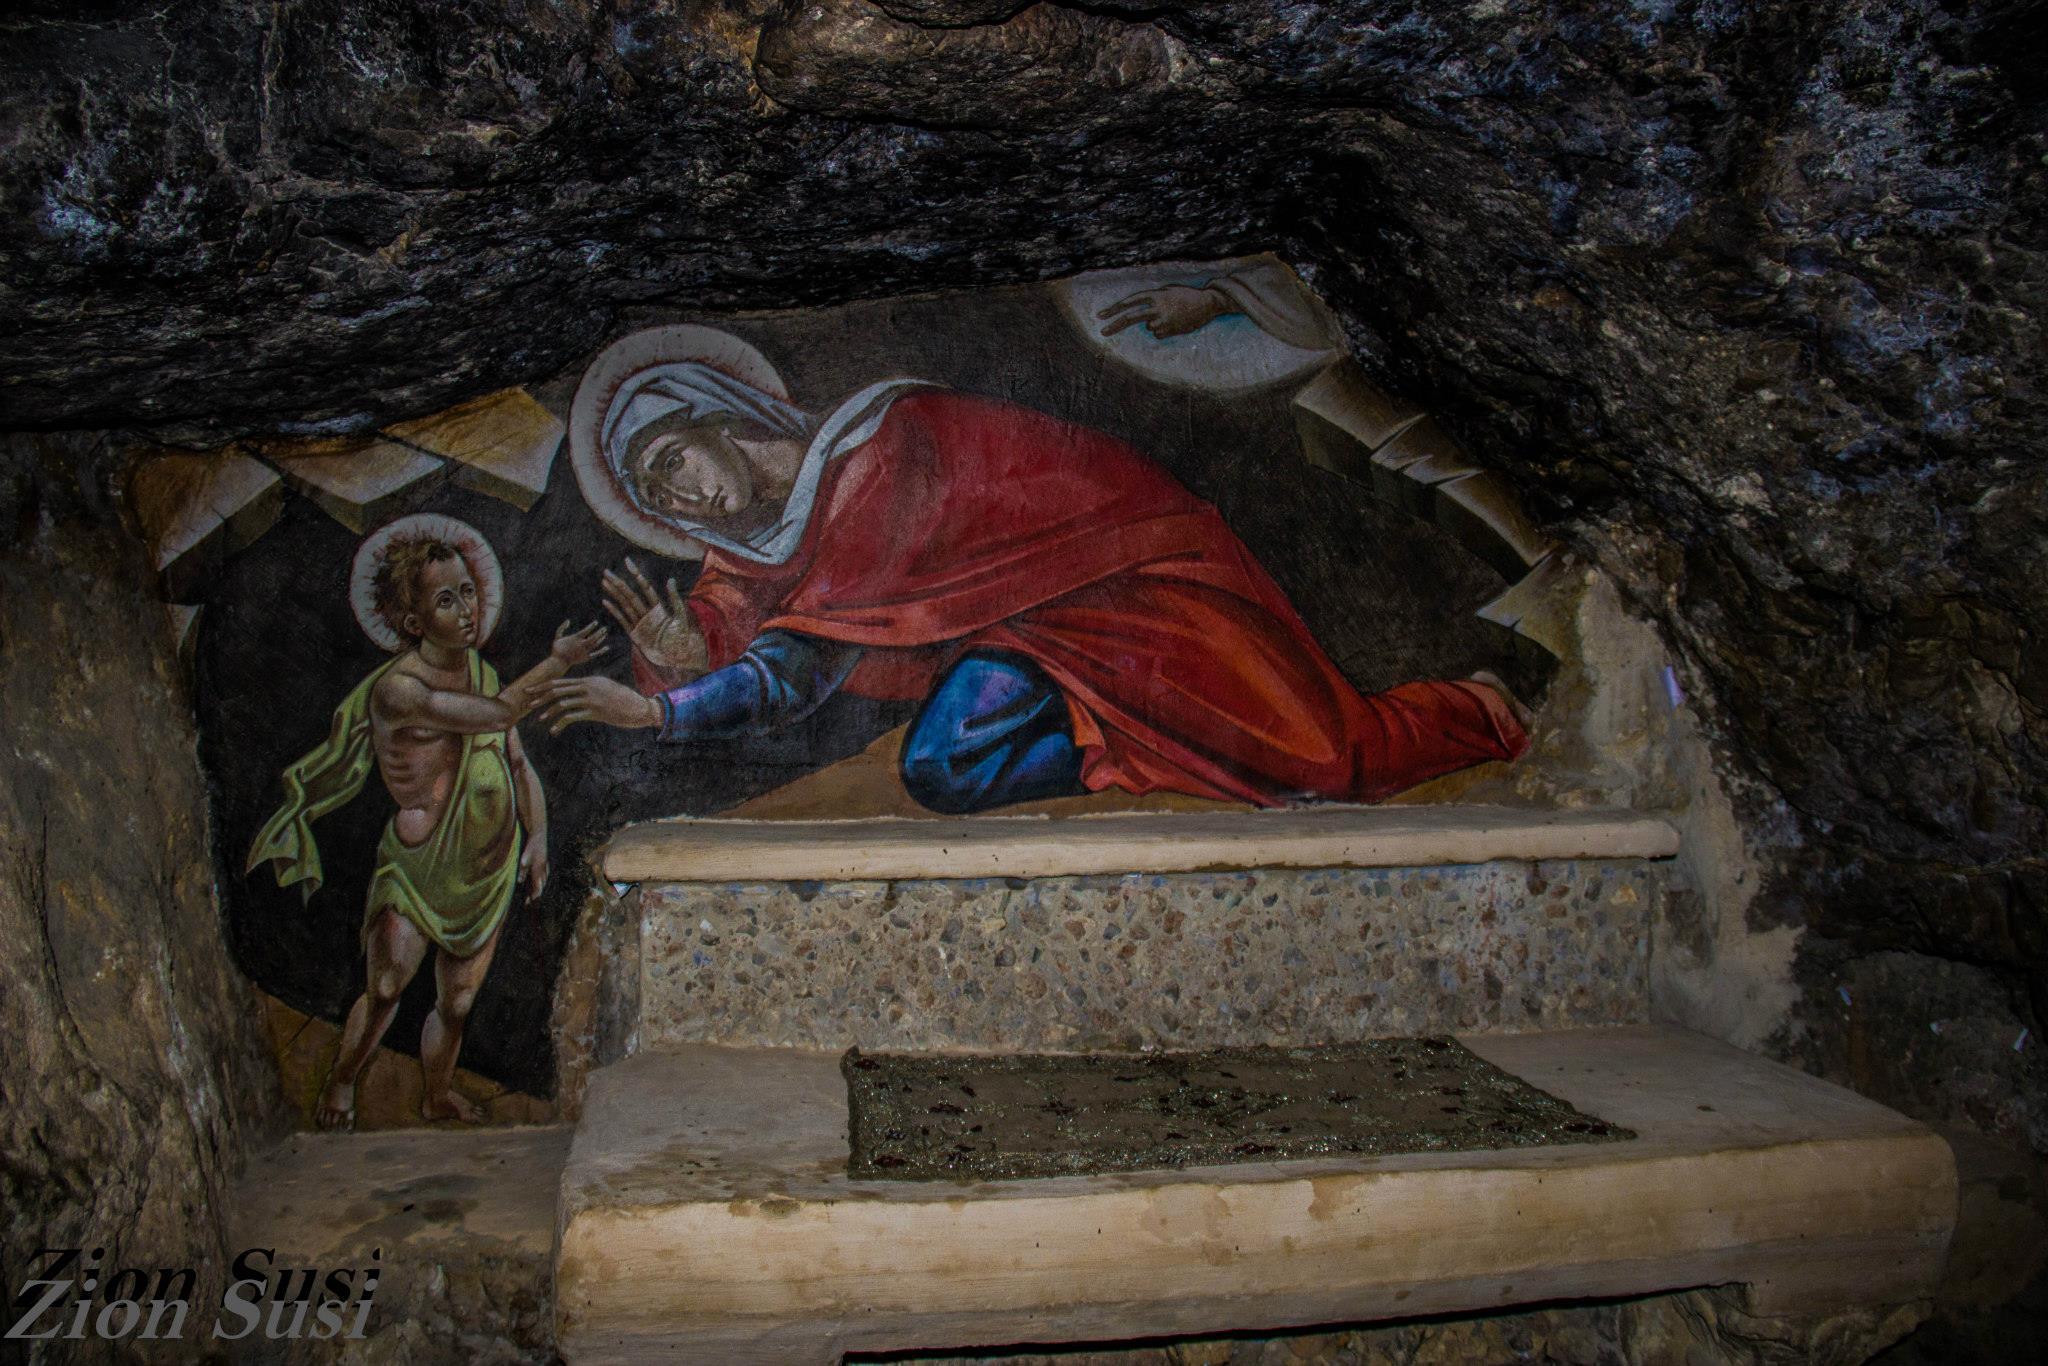 ציור אלישבע ויוחנן המטביל כתינוק.